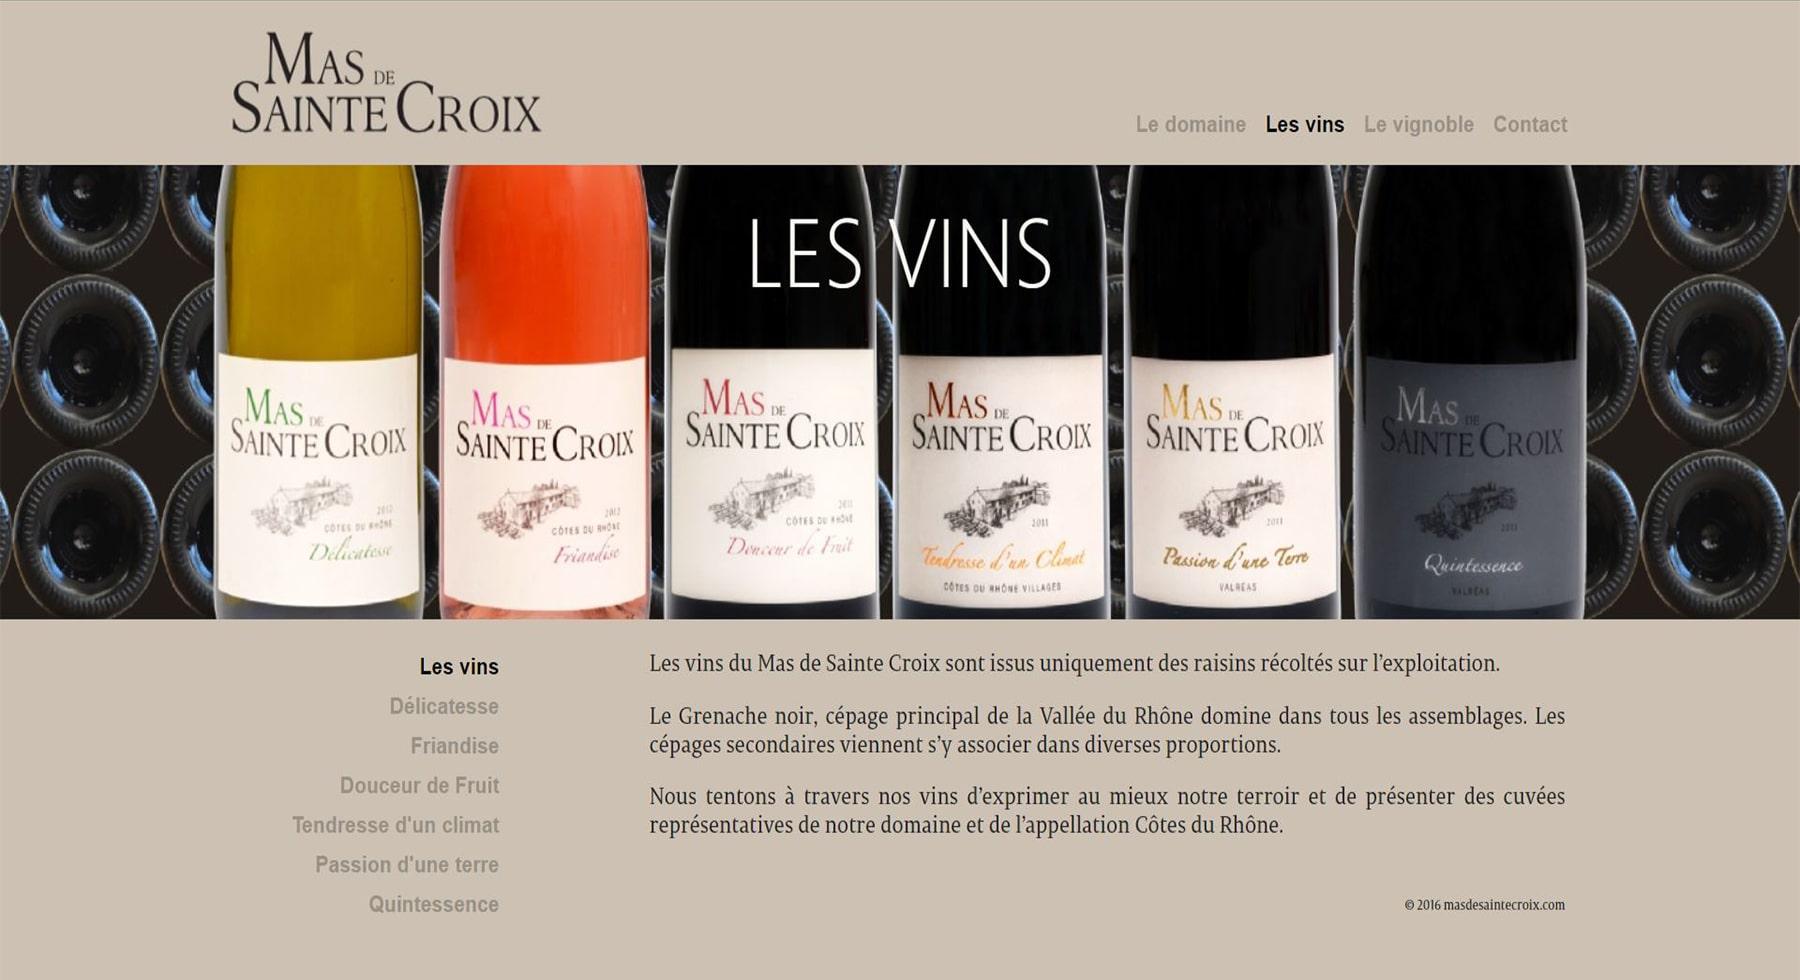 Mas Sainte Croix Vins